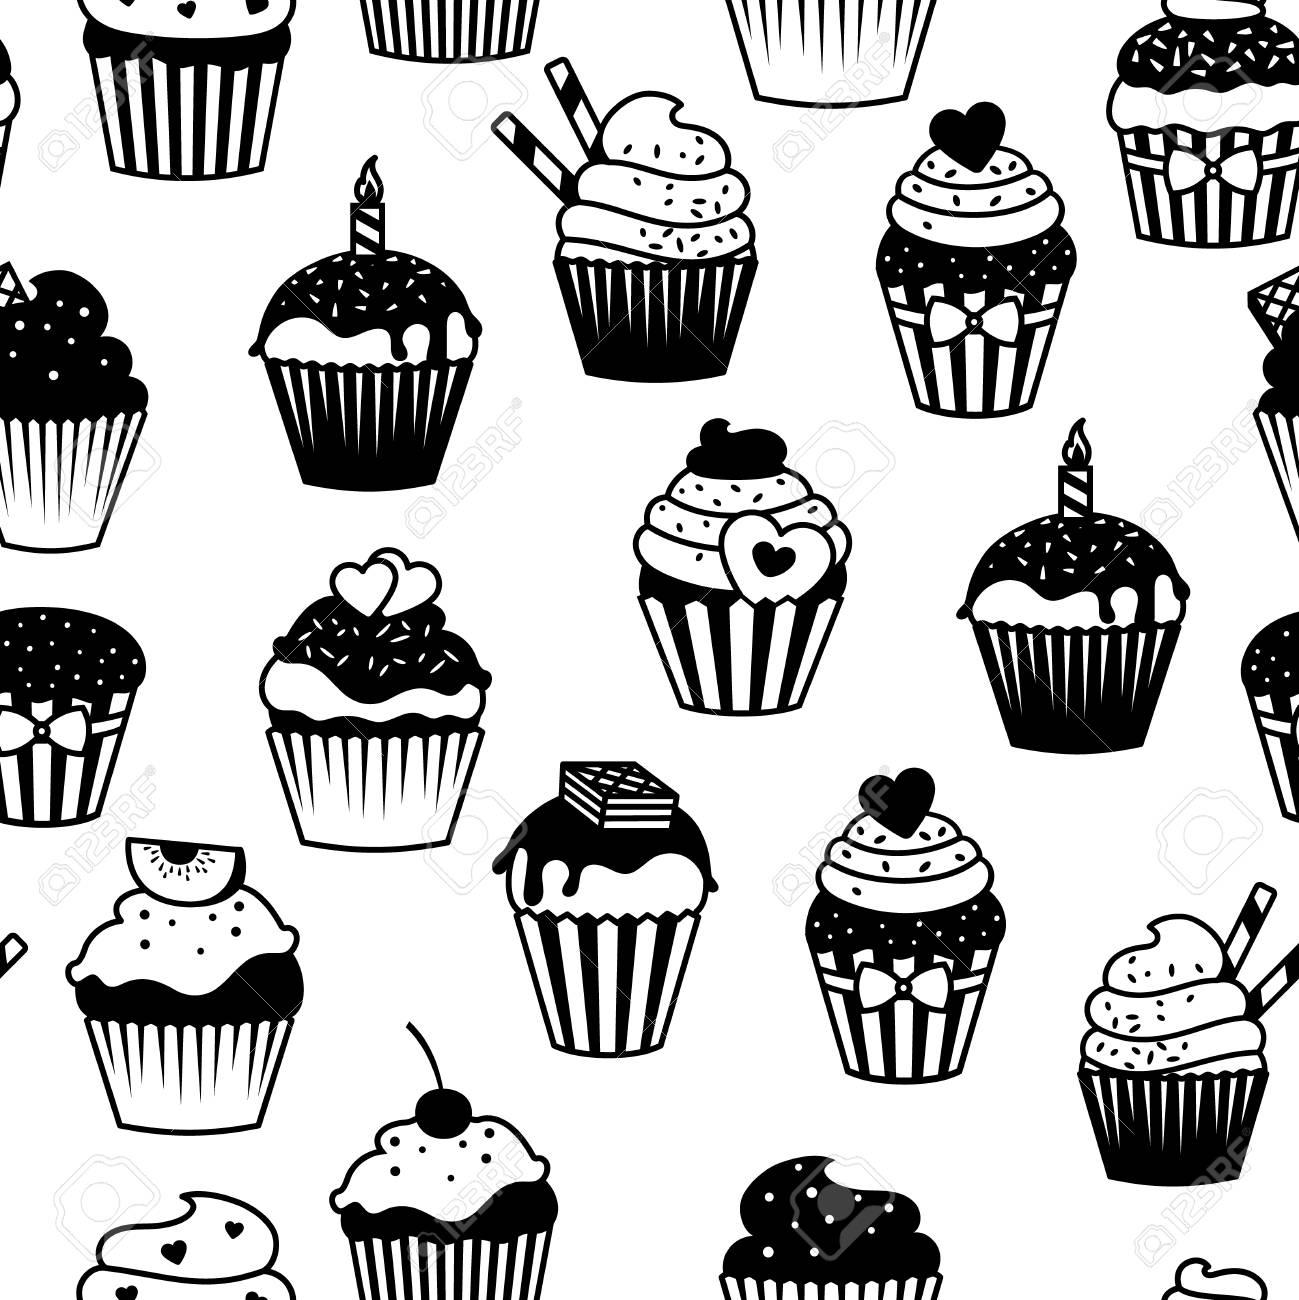 Modèle Sans Couture De Cupcakes Noir Et Blanc Impression De Tissu De Muffins De Vecteur